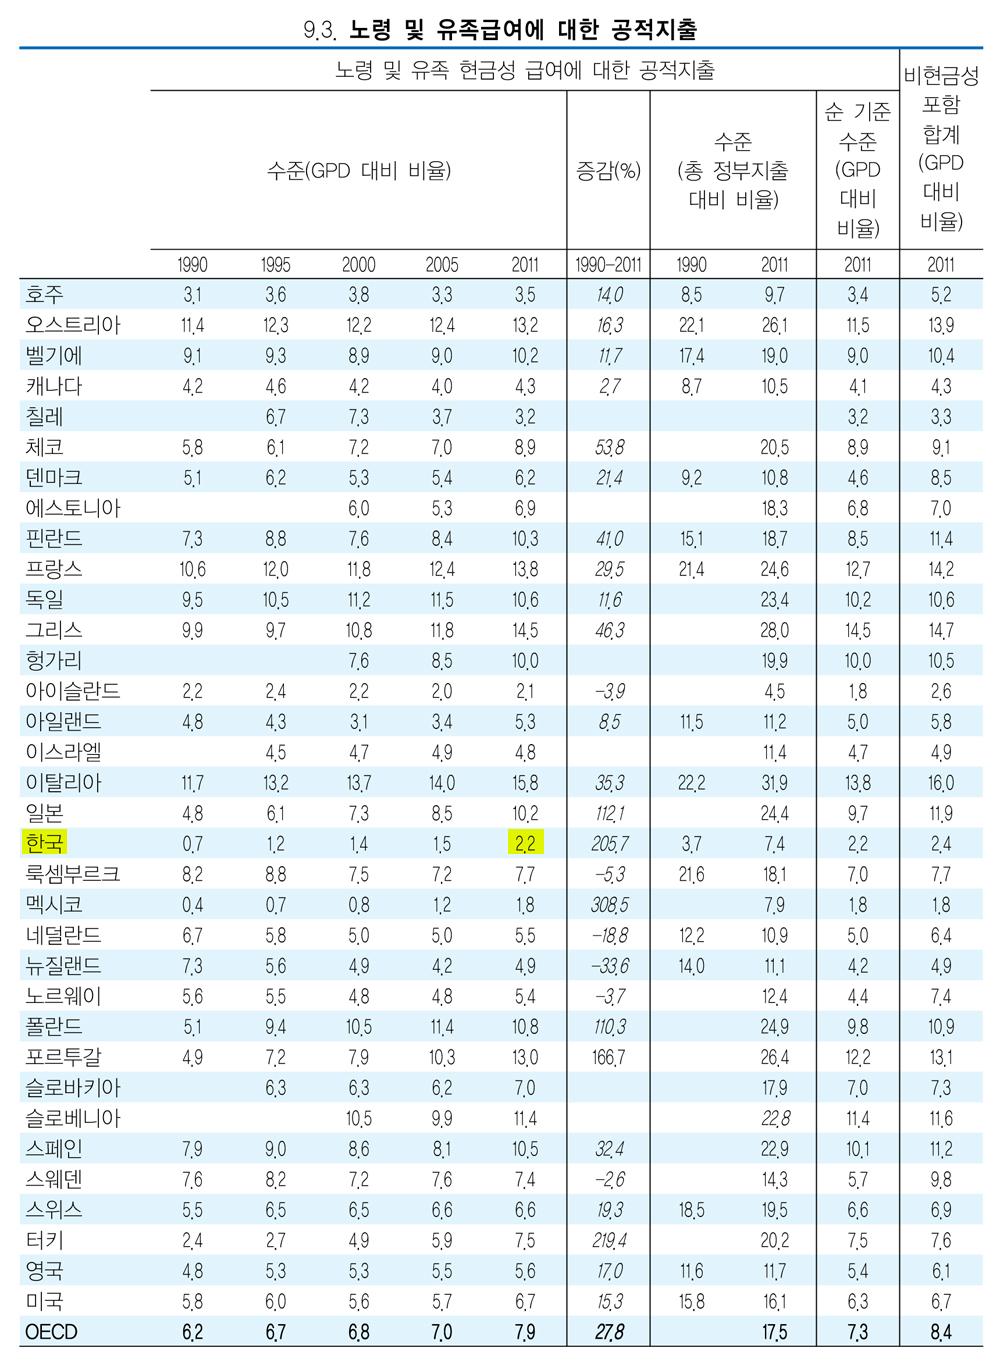 OECD 국가들의 GDP 대비 연금지출 우리나라는 GDP에서 차지하는 연금지출 비중이 2.2%로 34개국 중 32위다.(출처_한눈에보는연금 2015)